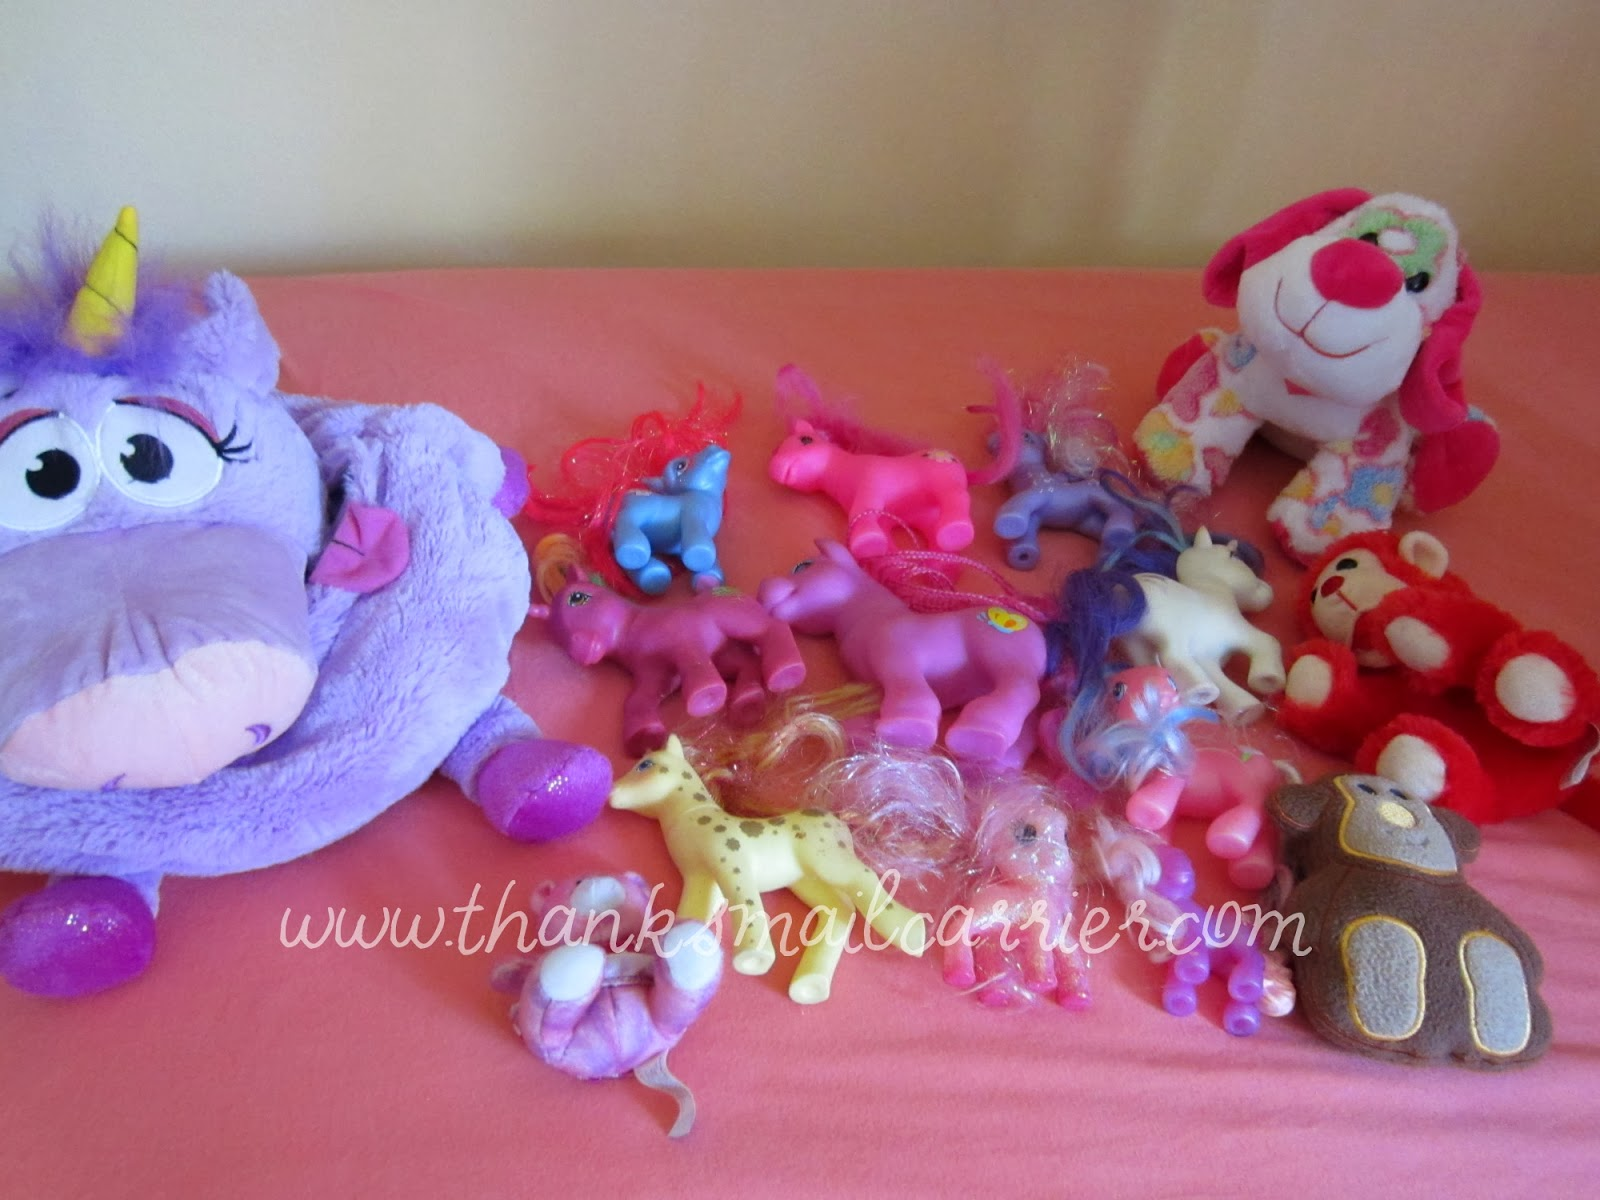 Tummy Stuffers Unicorn review